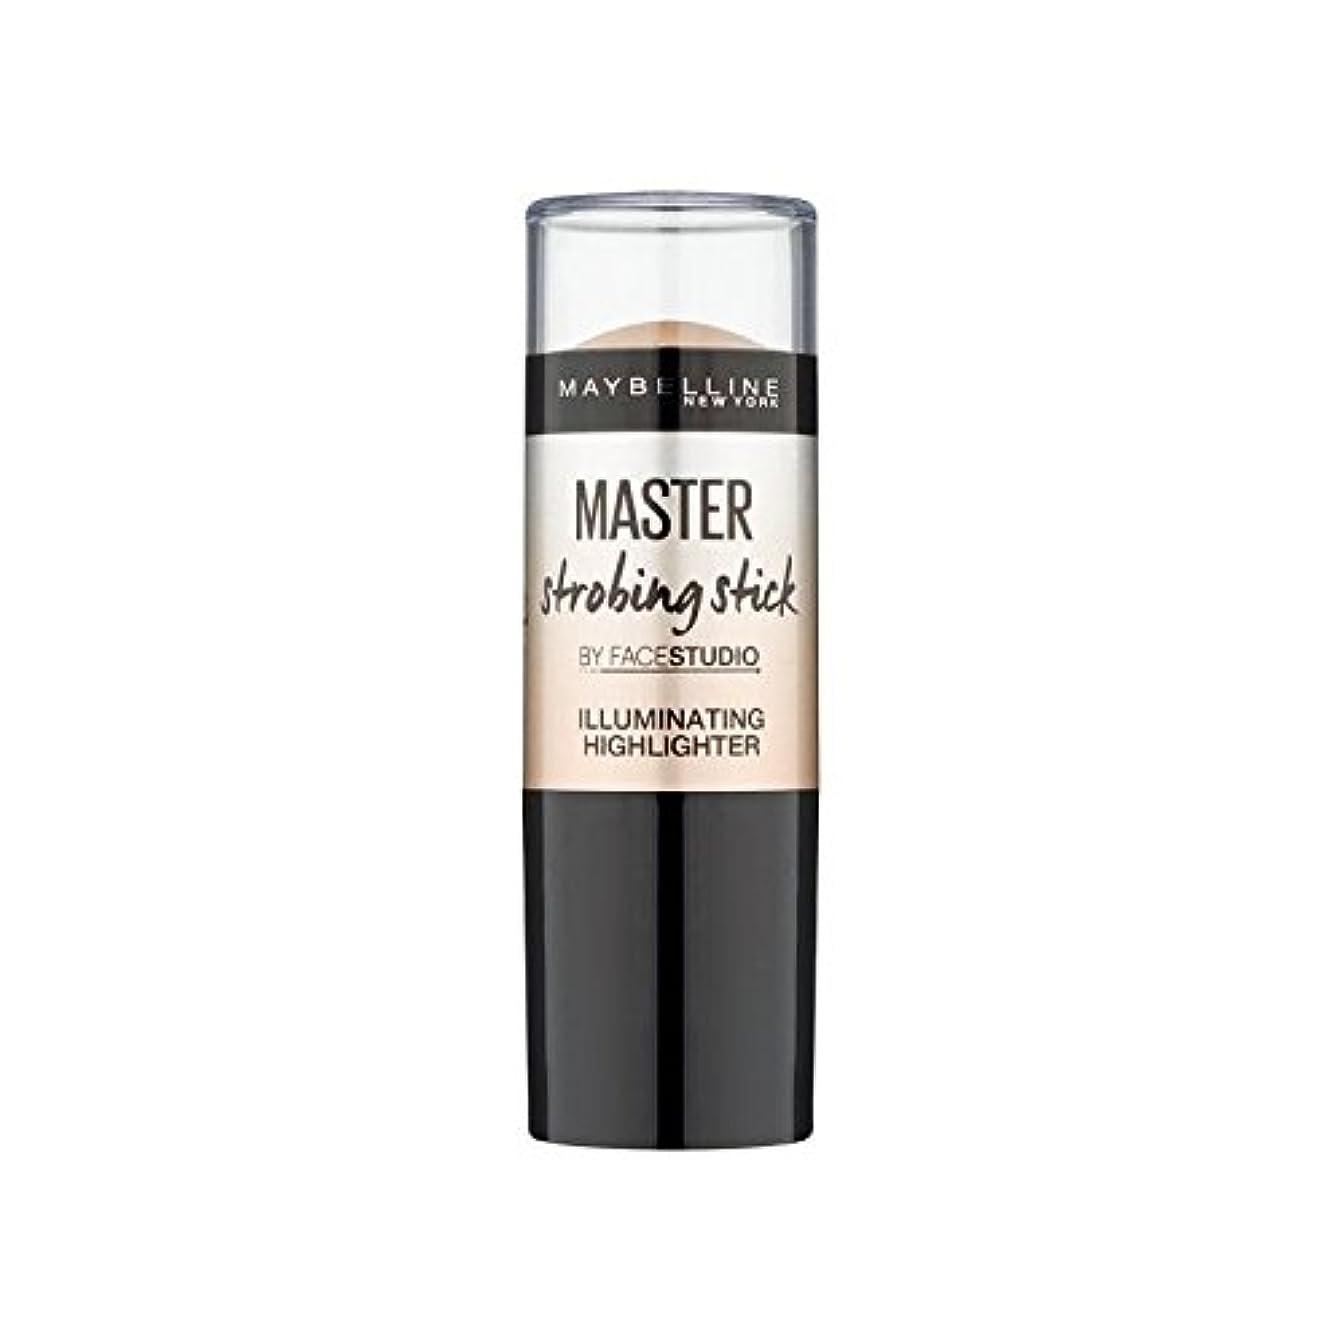 ピアニストほこりっぽいシビックメイベリンマスターストロボスティック媒体 x2 - Maybelline Master Strobing Stick Medium (Pack of 2) [並行輸入品]